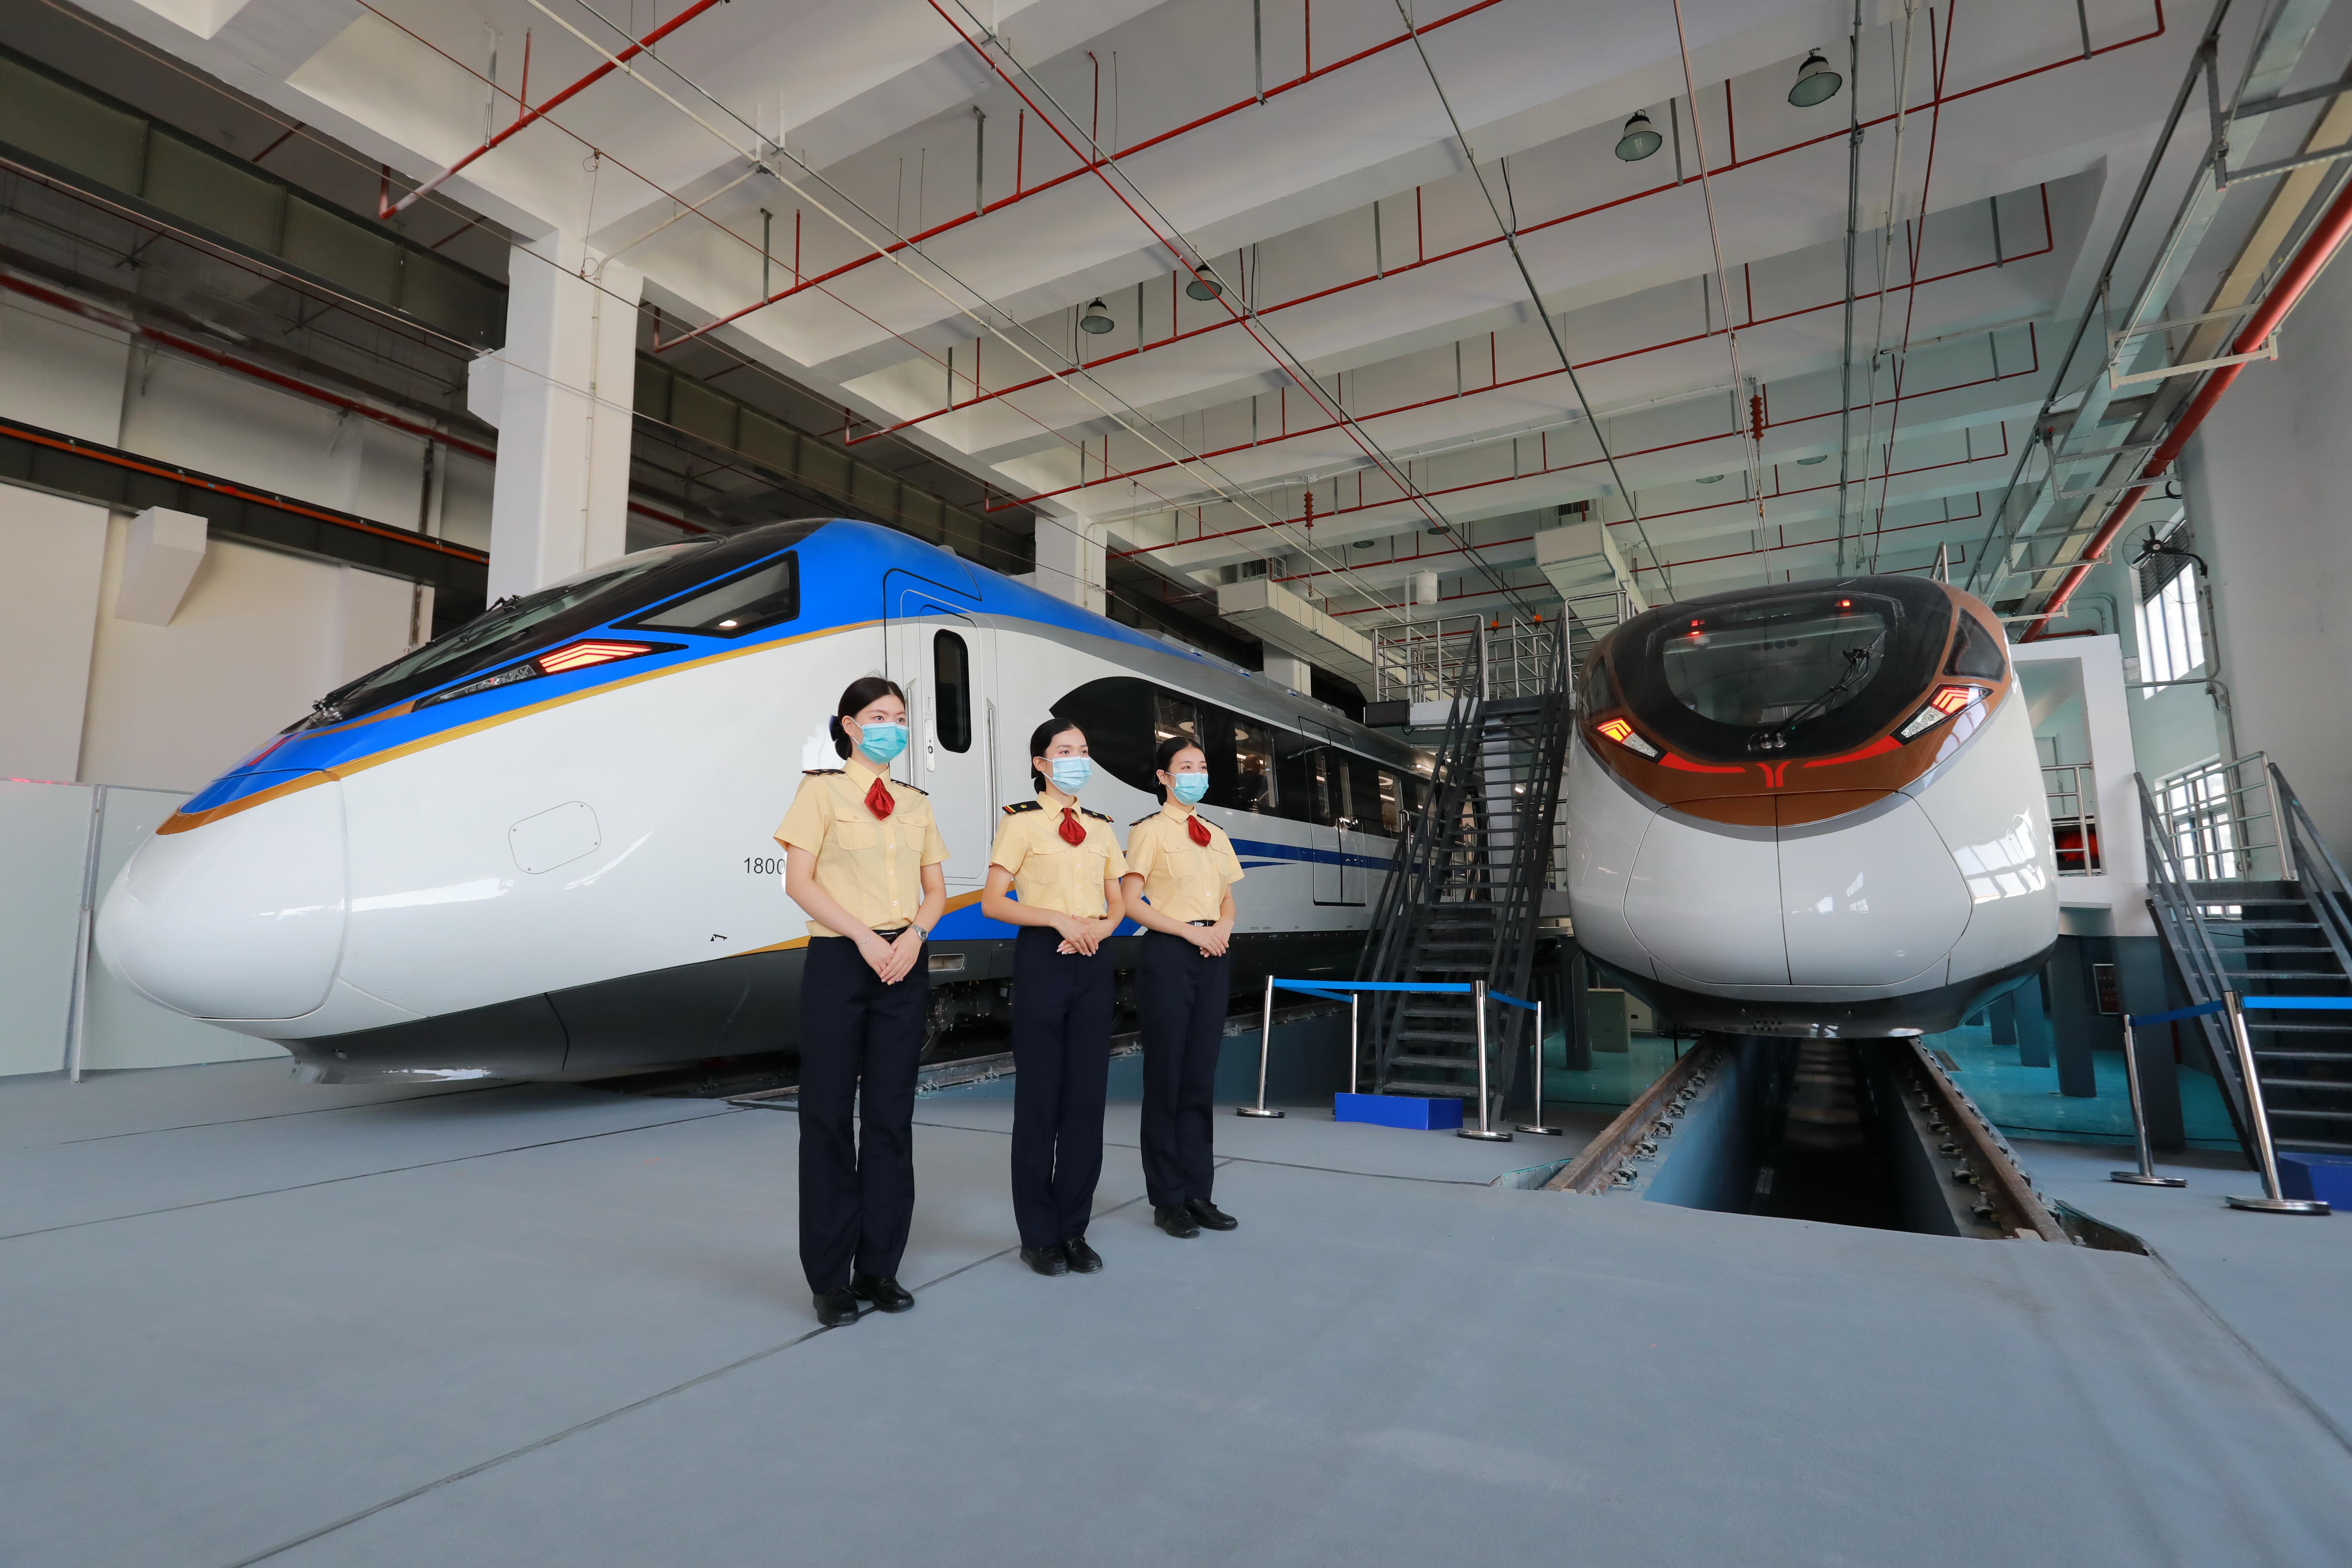 广州地铁22号线拟延至东莞,衔接深圳